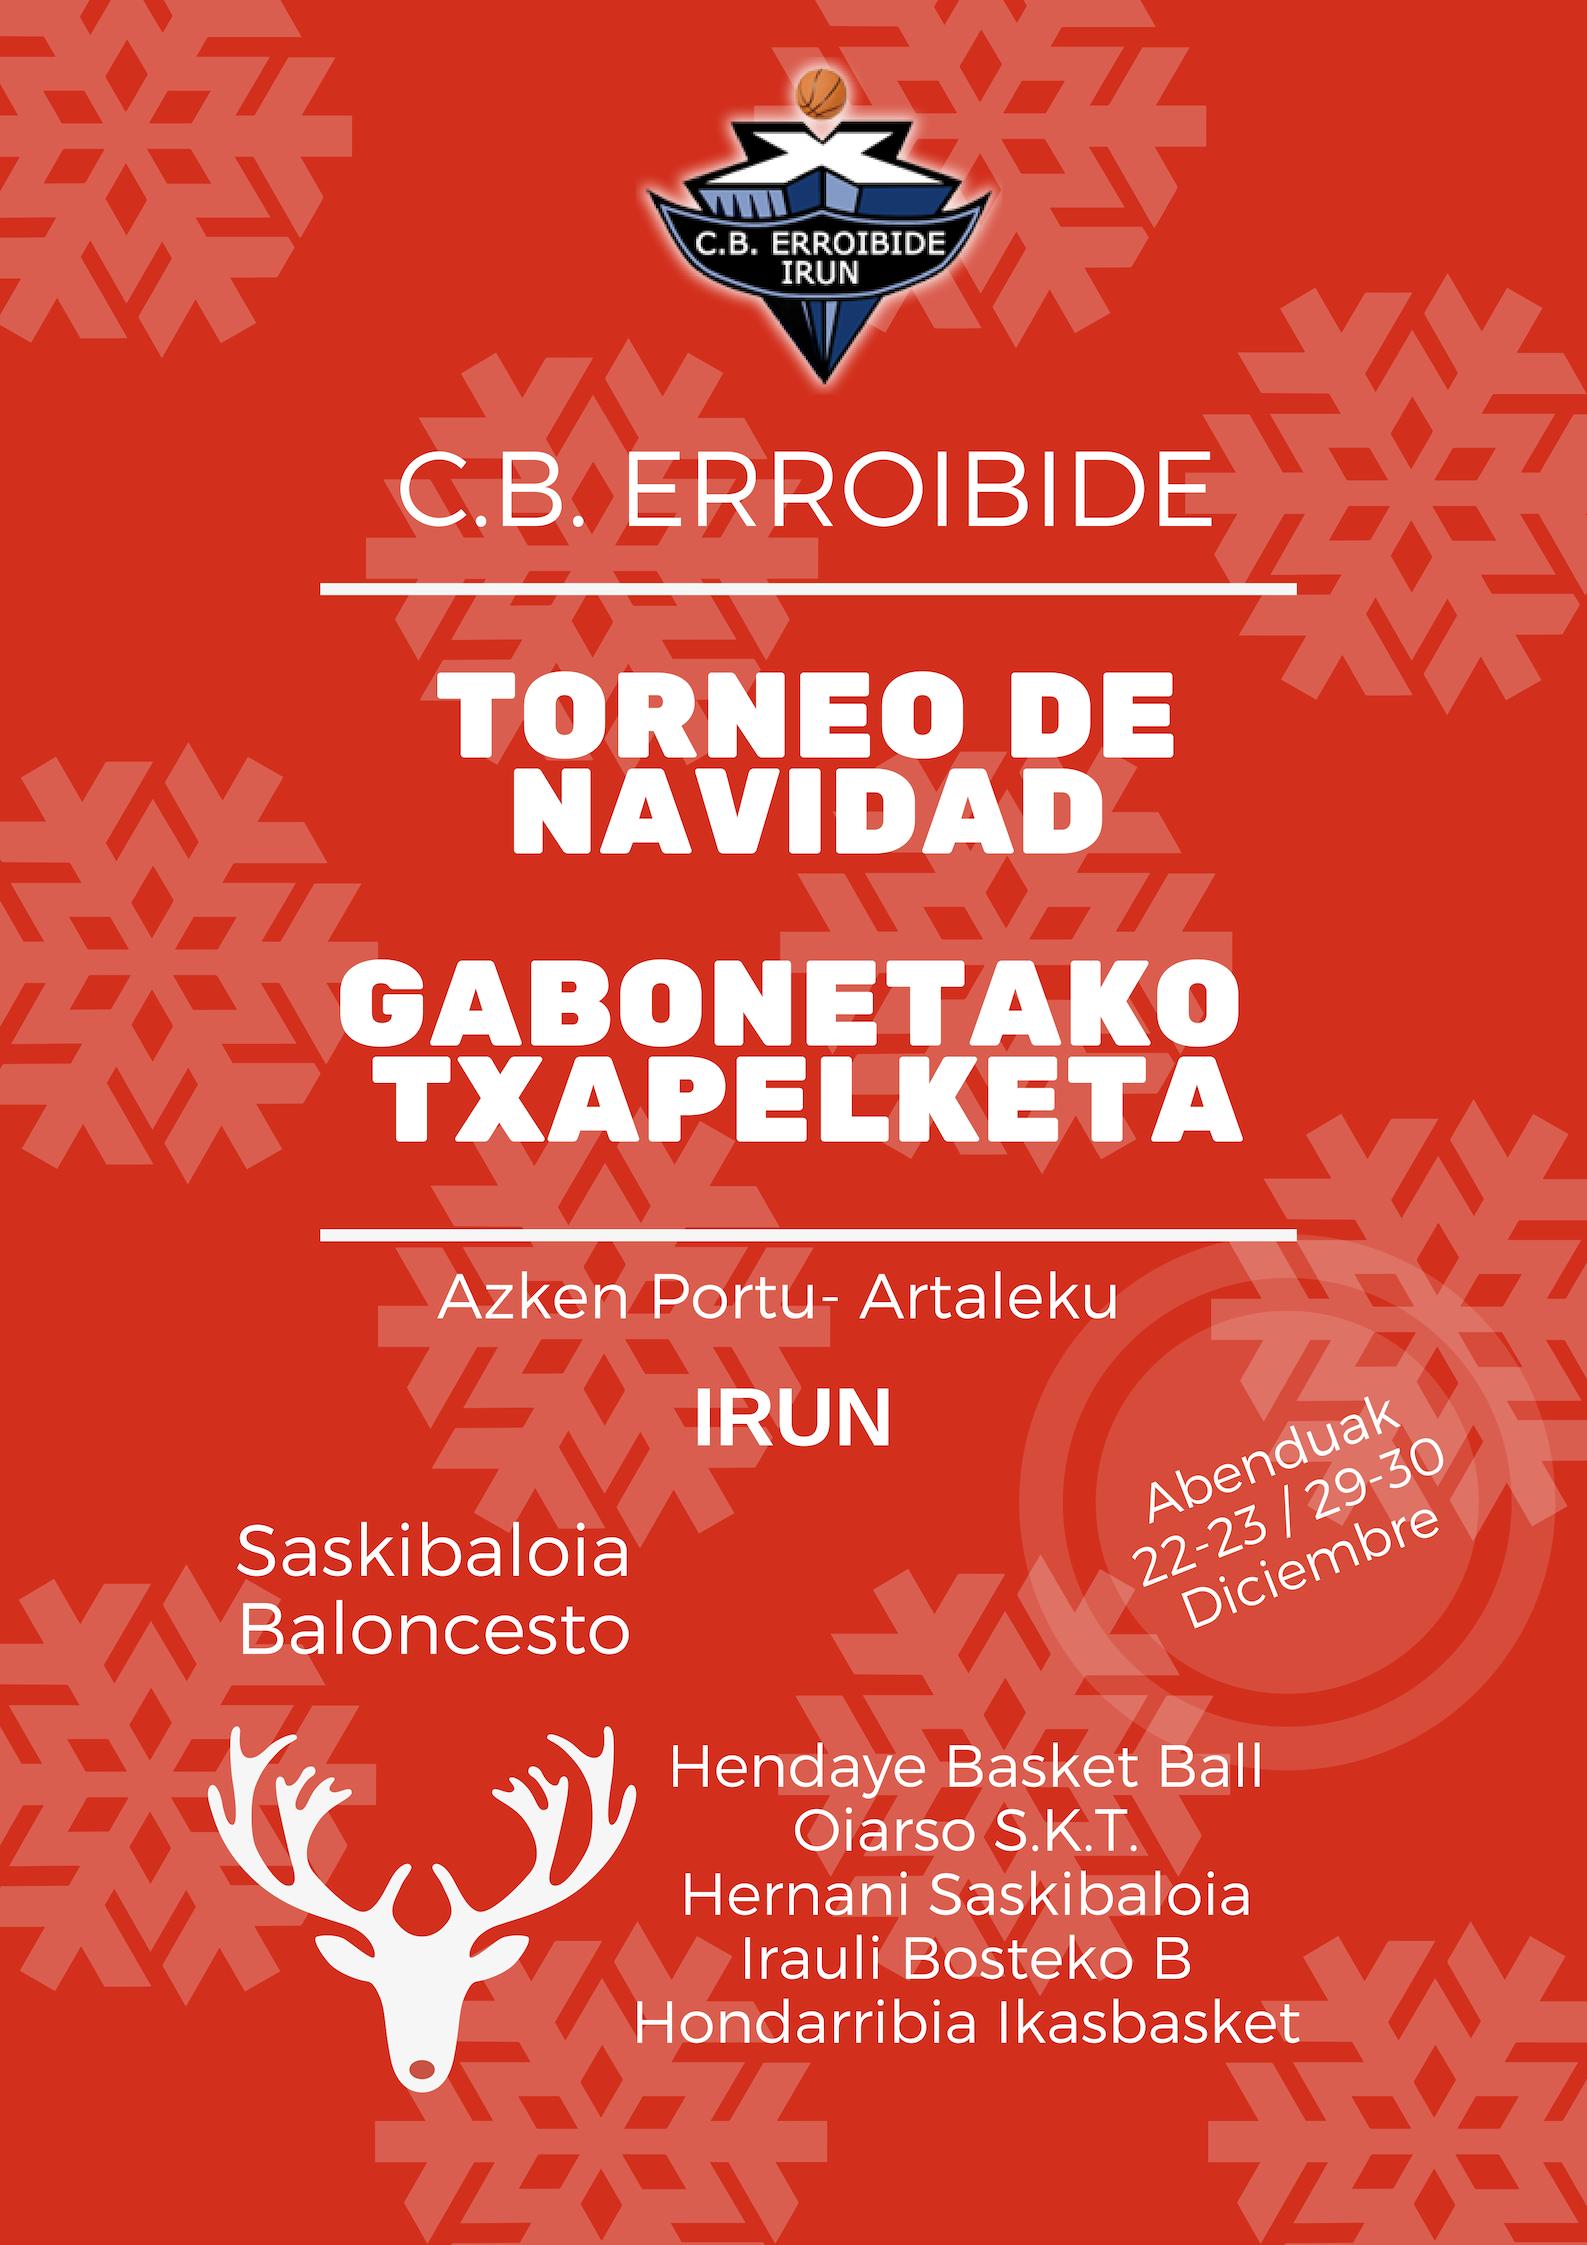 Gabonetako Txapelketa- Torneo de Navidad